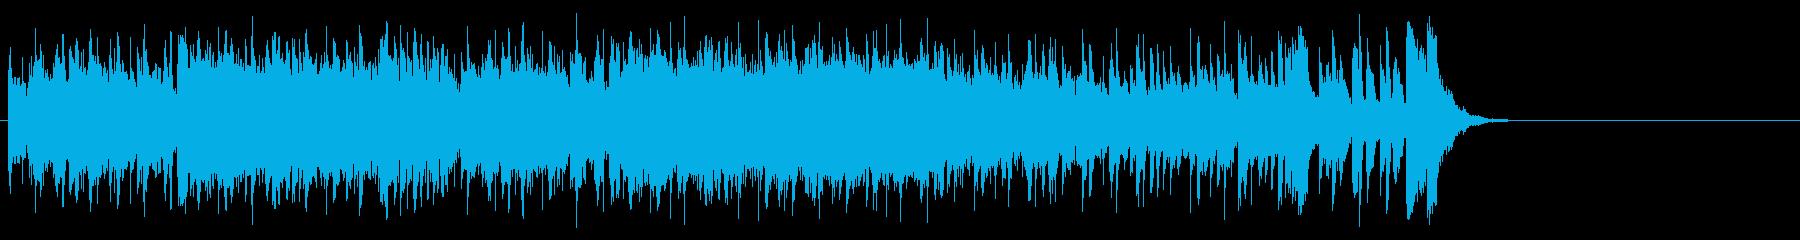 フレッシュ気分のポップ(サビ~エンド)の再生済みの波形